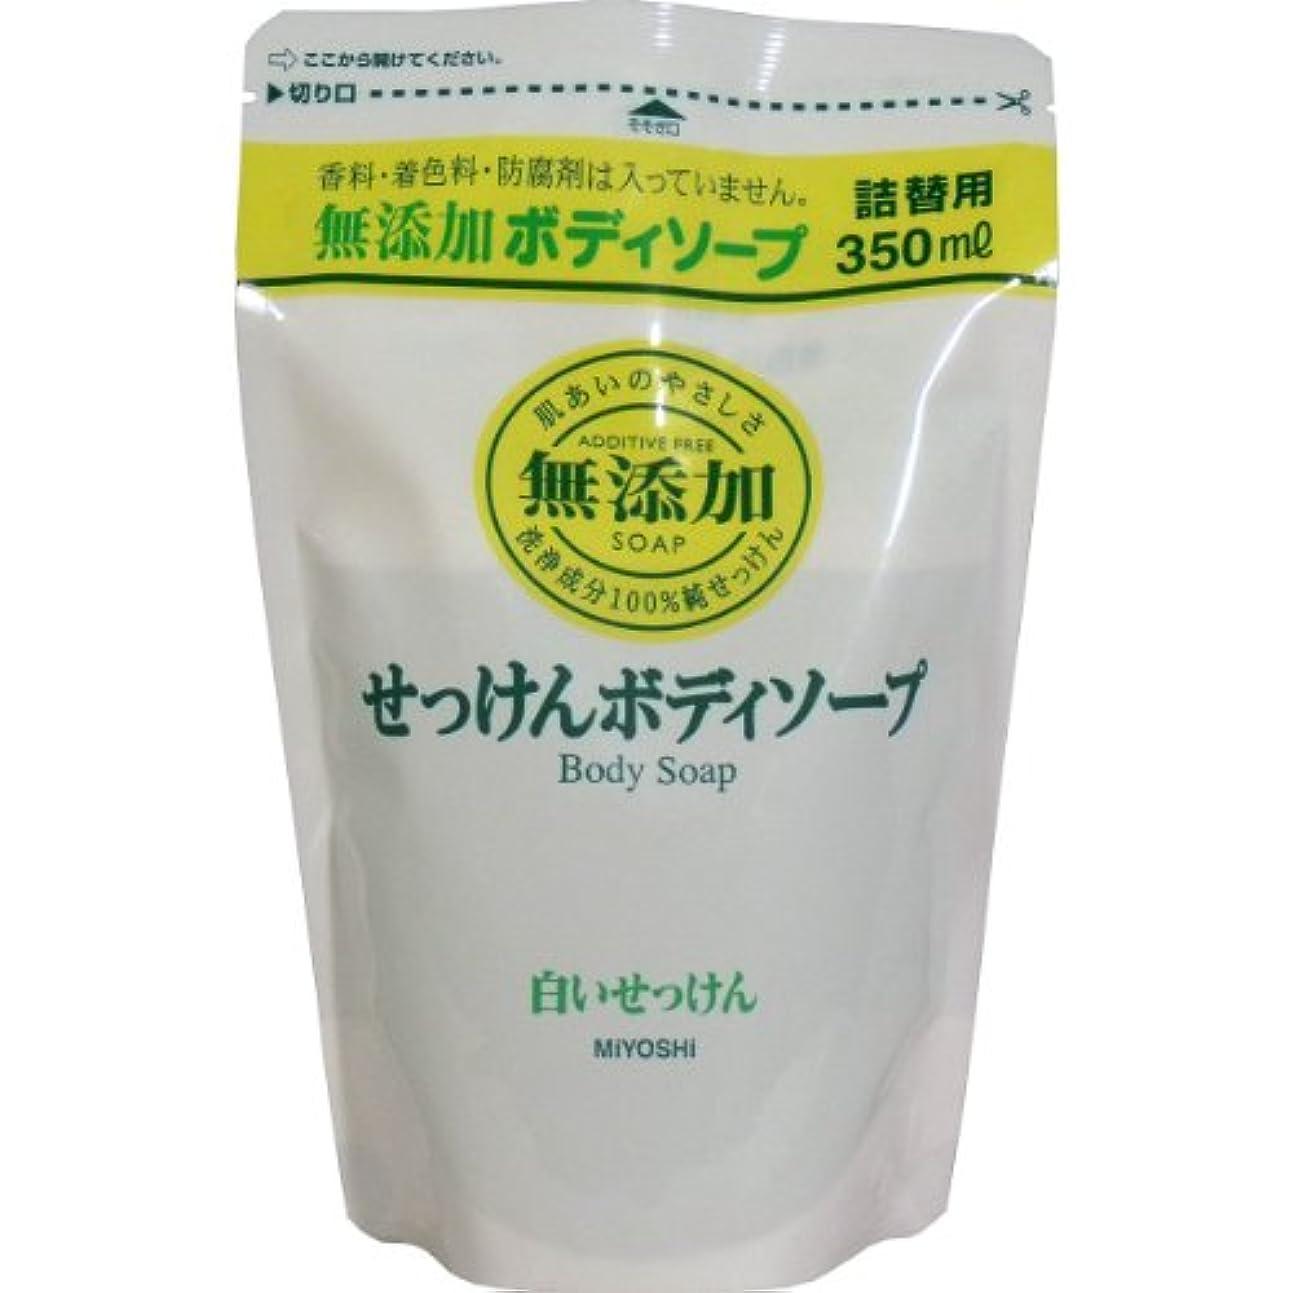 好きであるクラッチ用量ミヨシ 無添加 ボディソープ 白い石けん つめかえ用 350ml(無添加石鹸) x 10個セット